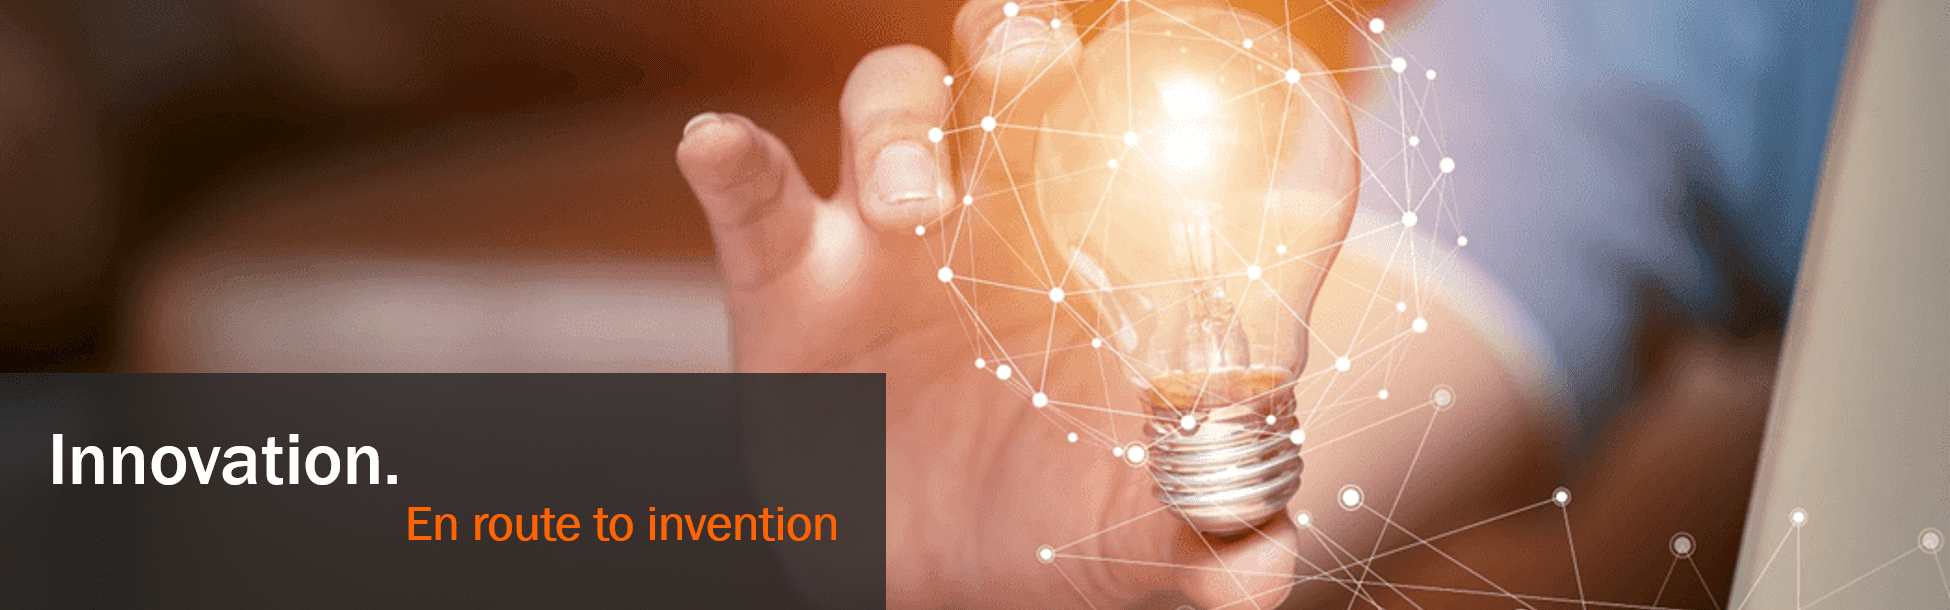 Innovation_Slider_en